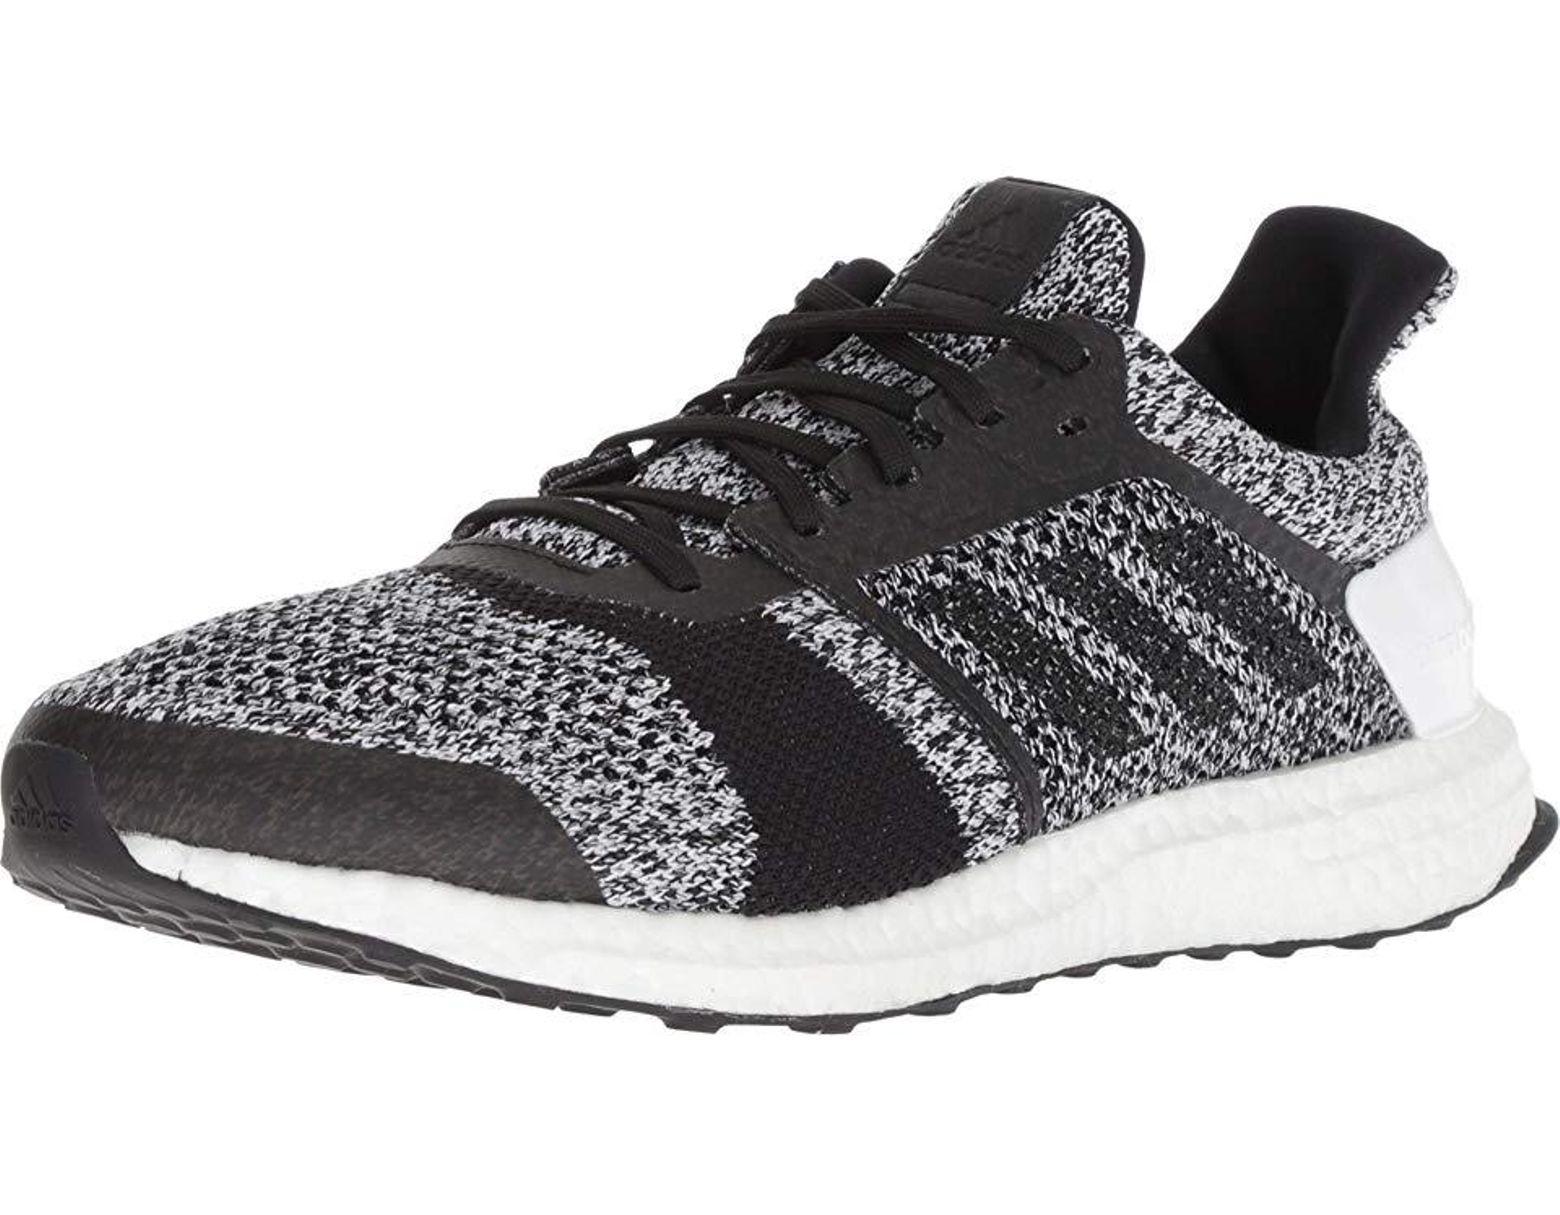 adidas Originals Ultraboost St (whiteblackblack) Running